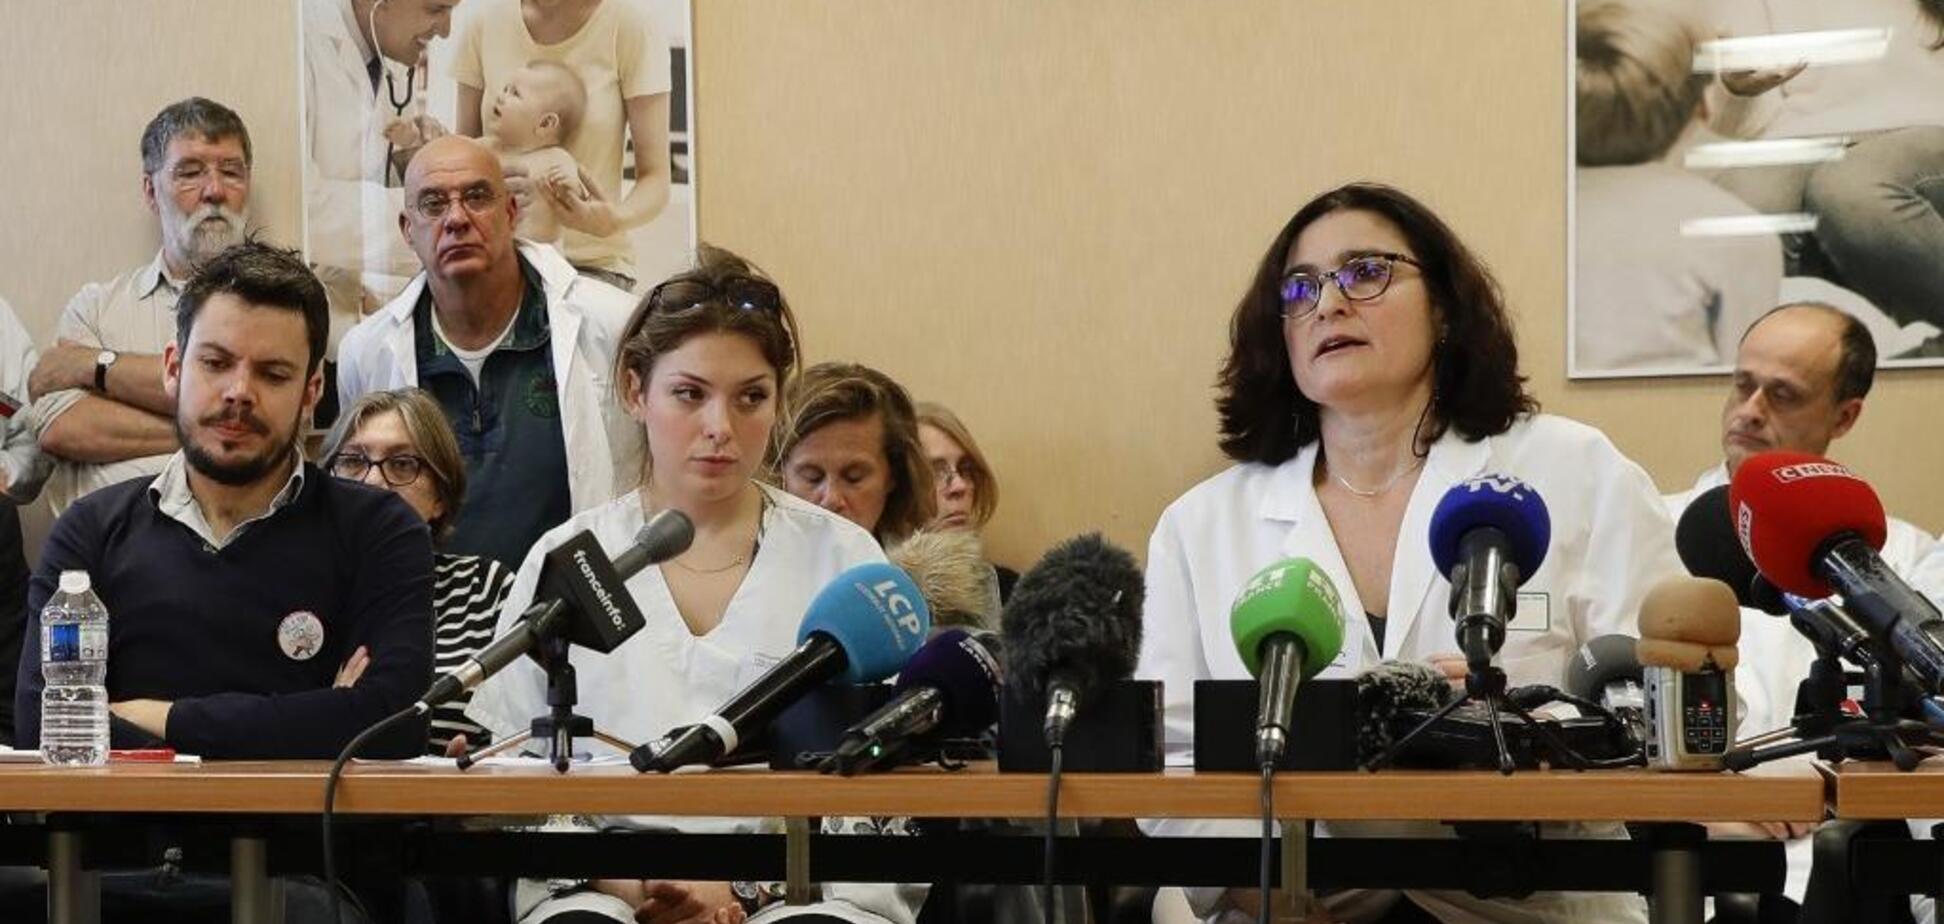 Протести і страйки: лікарі Франції незадоволені фінансуванням медицини